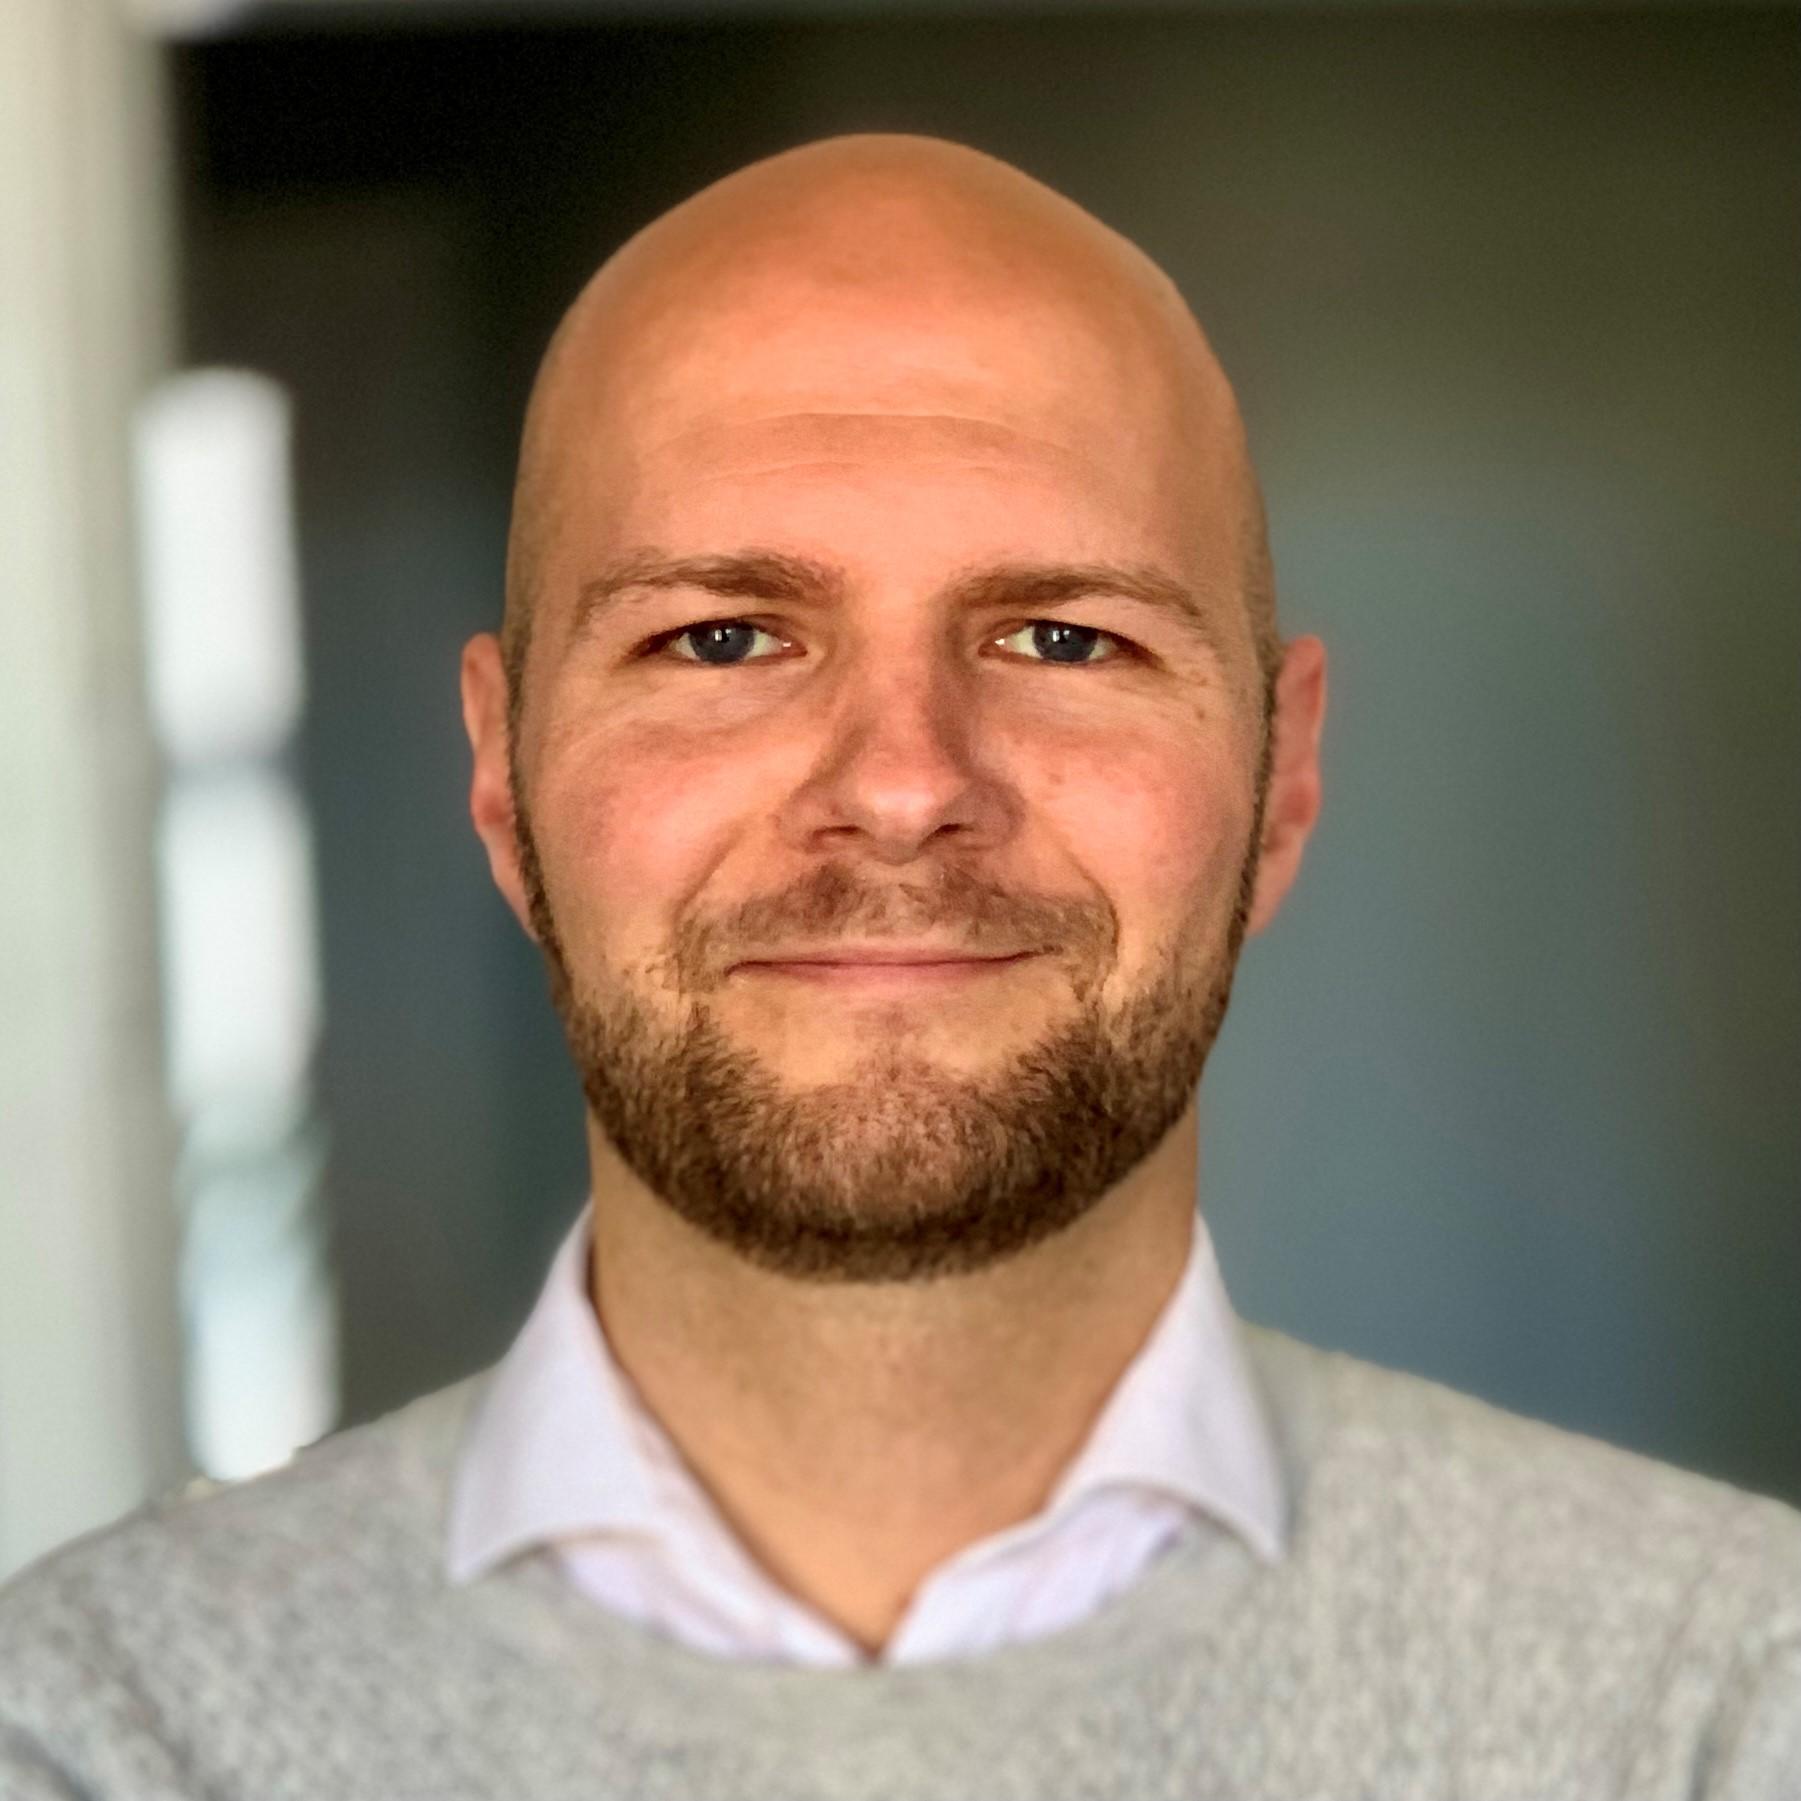 Lasse Højer-Pedersen